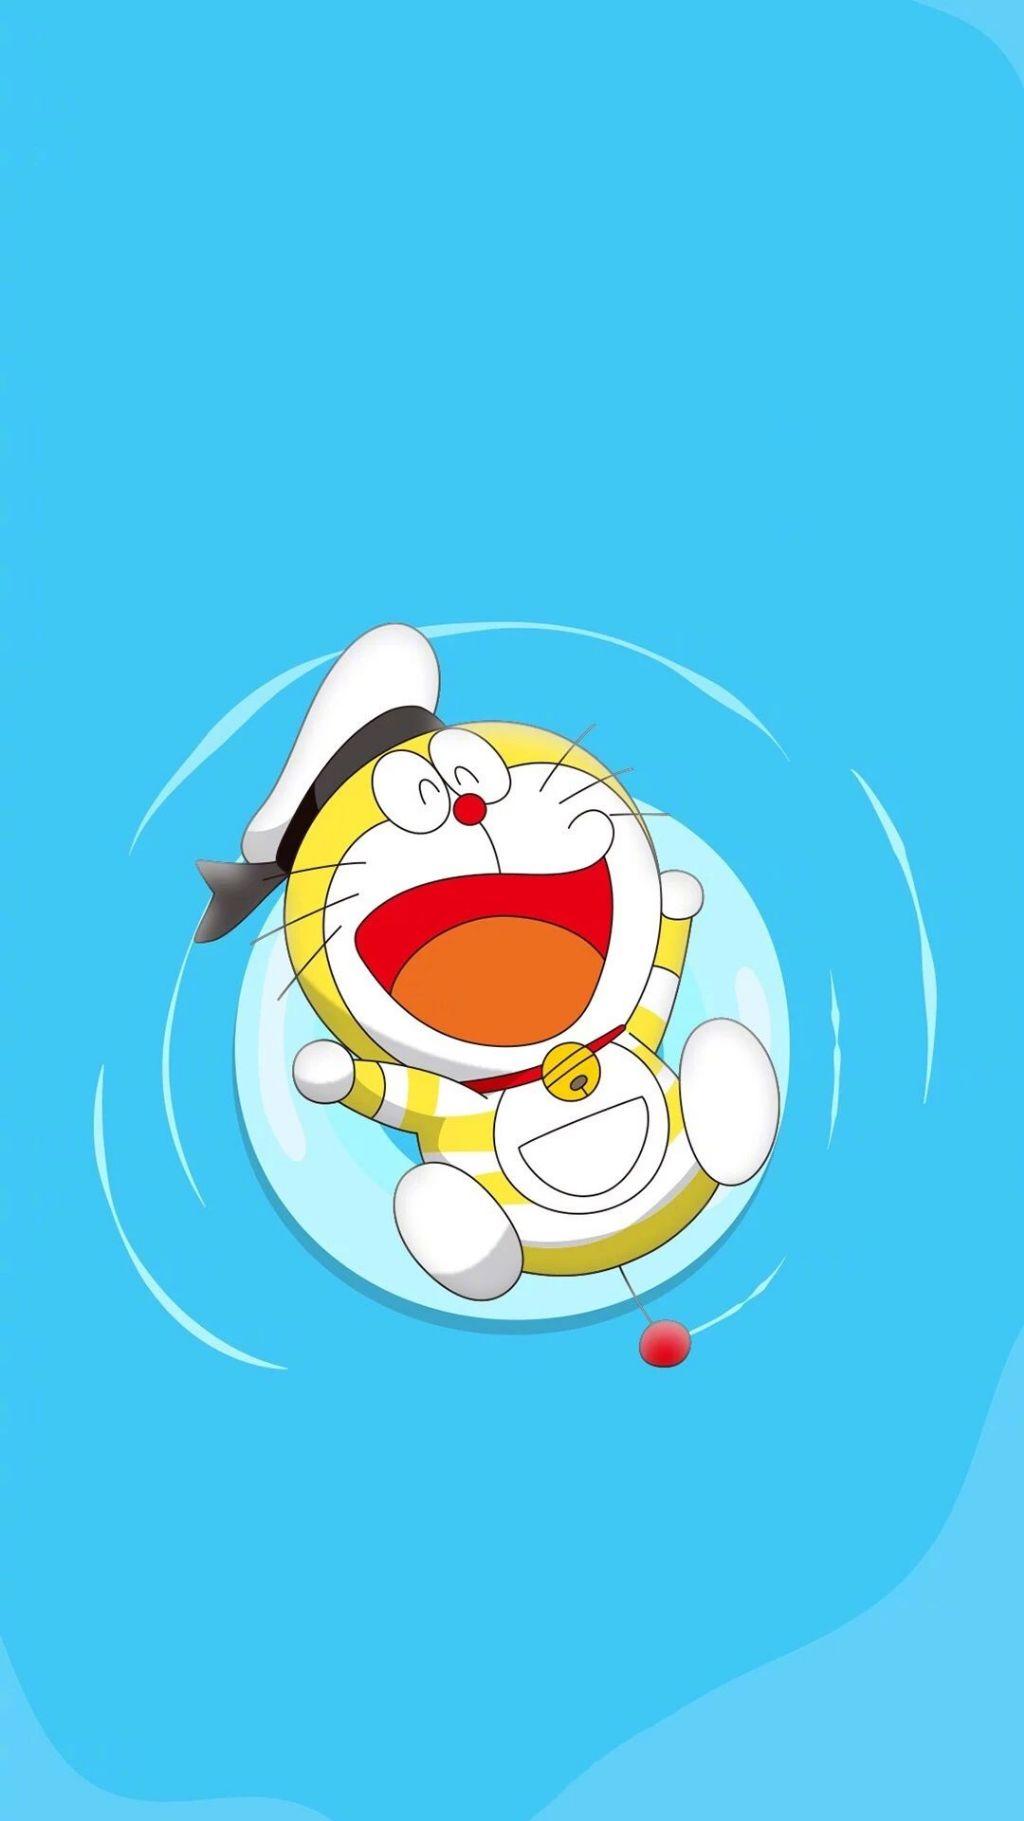 哆啦A梦壁纸:可爱哆啦A梦蓝胖子手机壁纸插图21